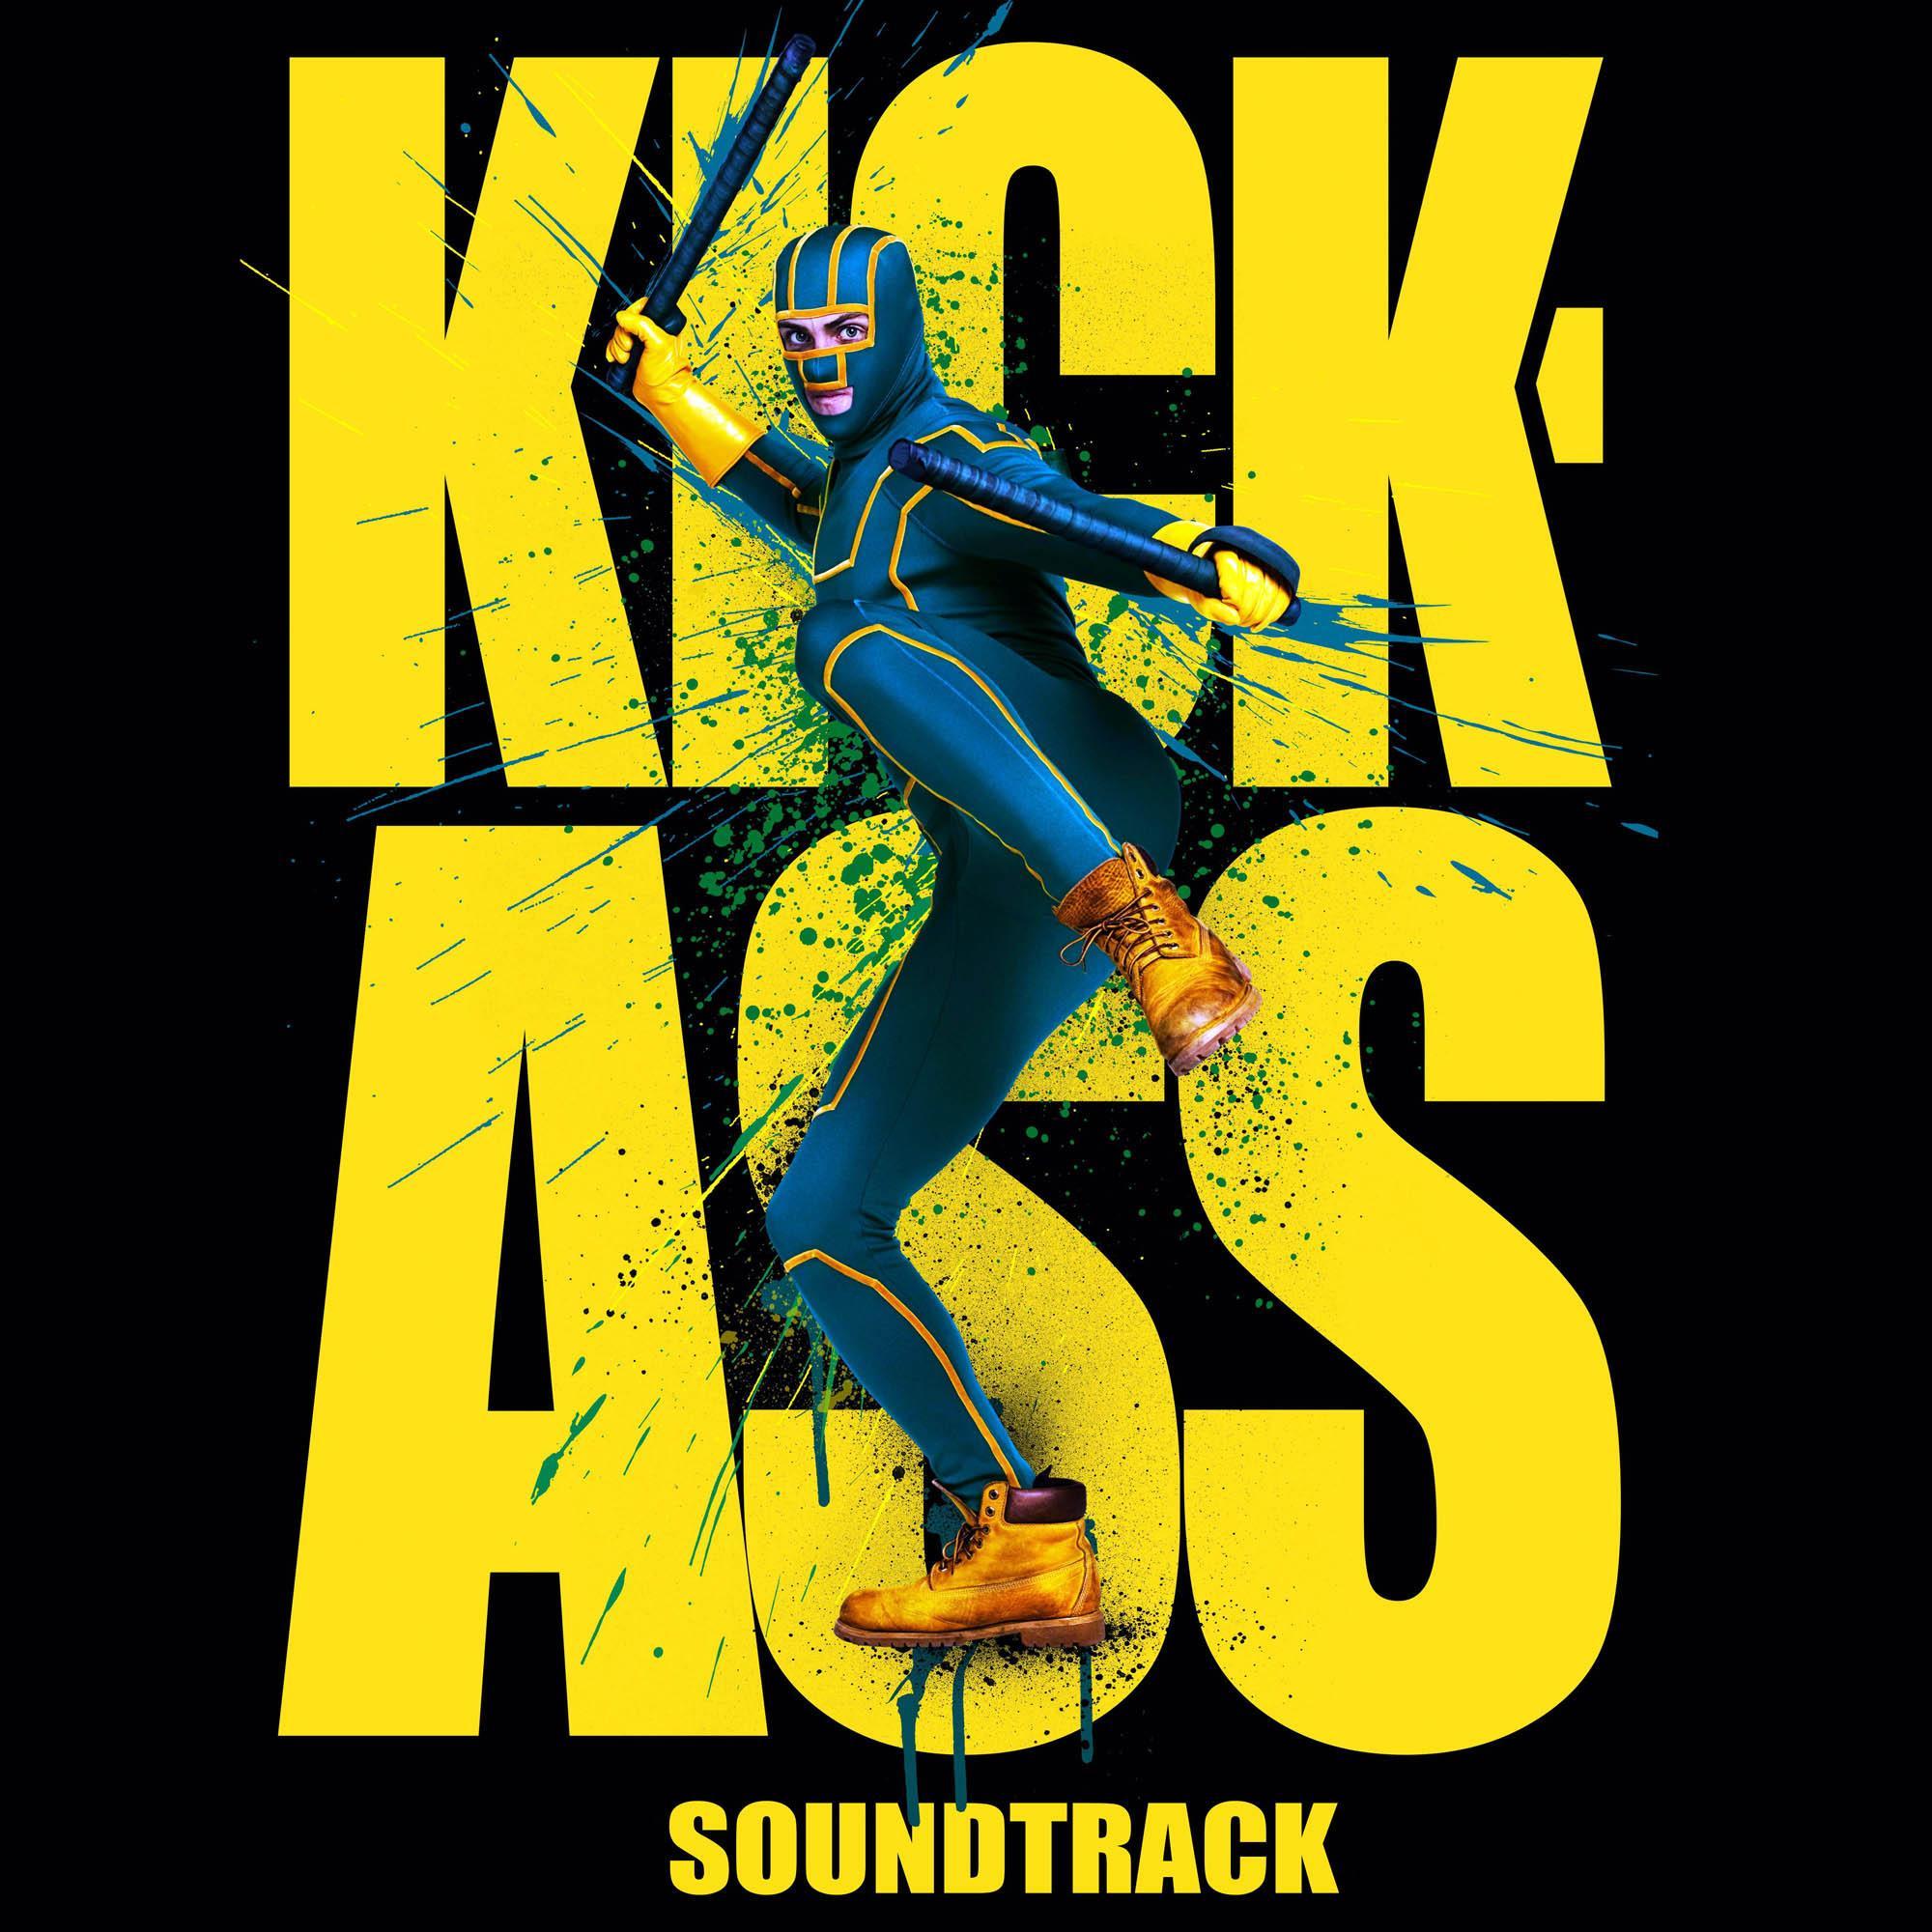 kick-ass-rock-music